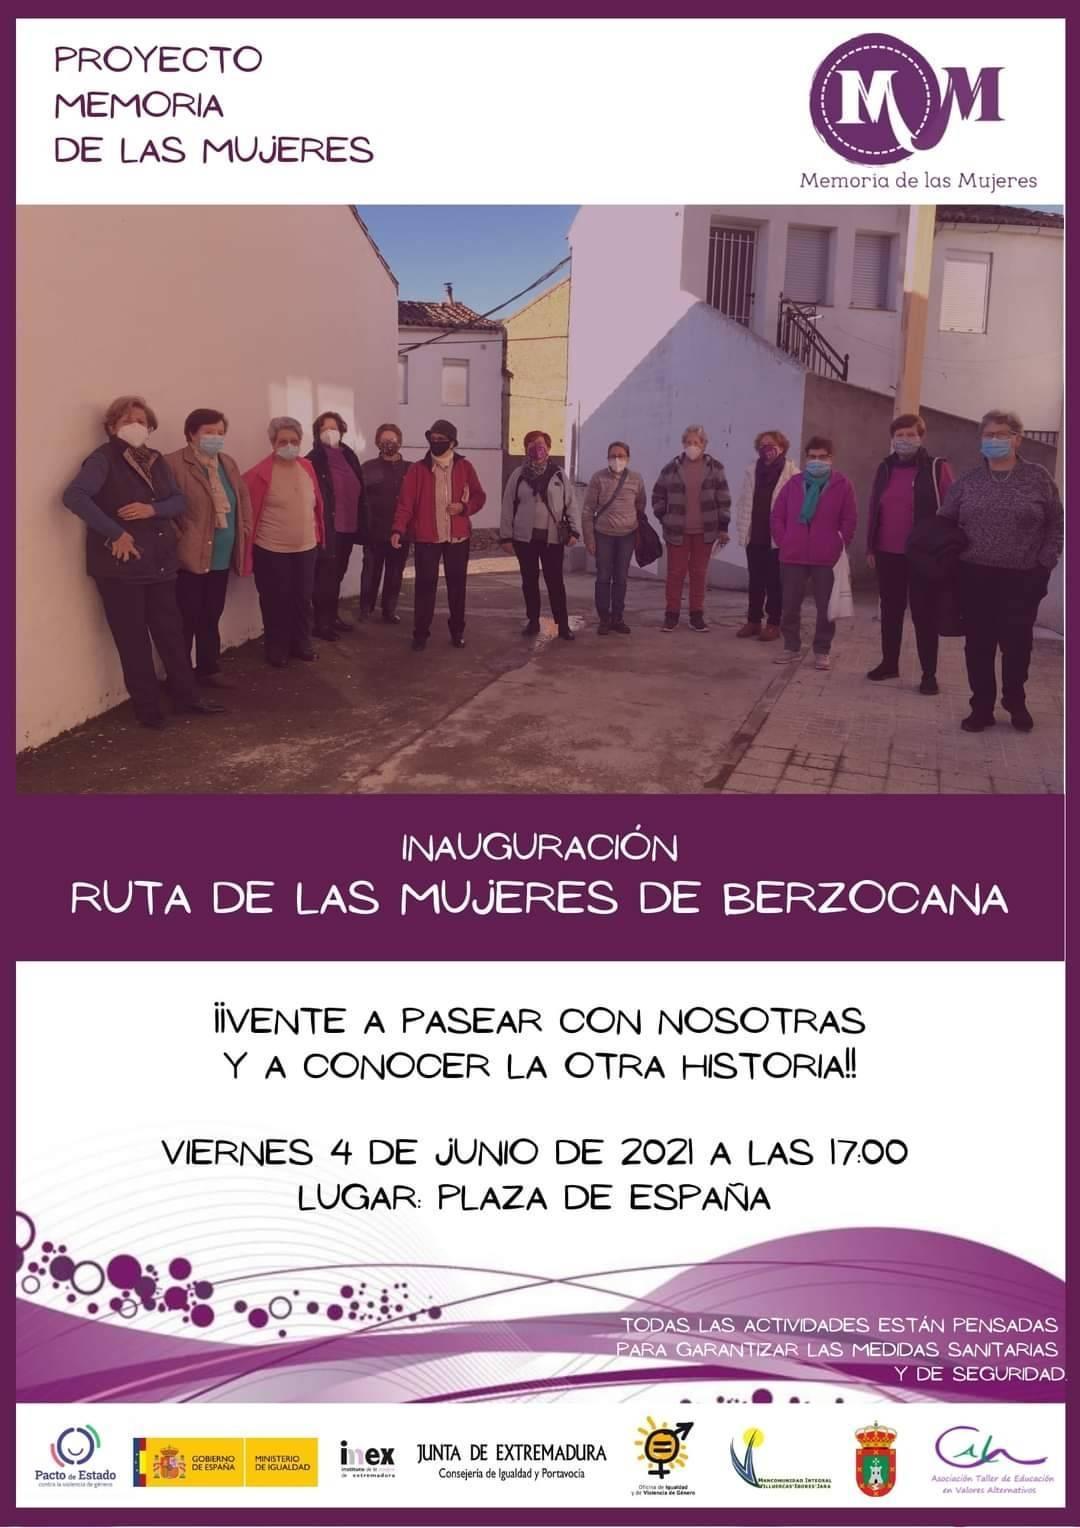 Inauguración de la ruta de las mujeres (2021) - Berzocana (Cáceres)